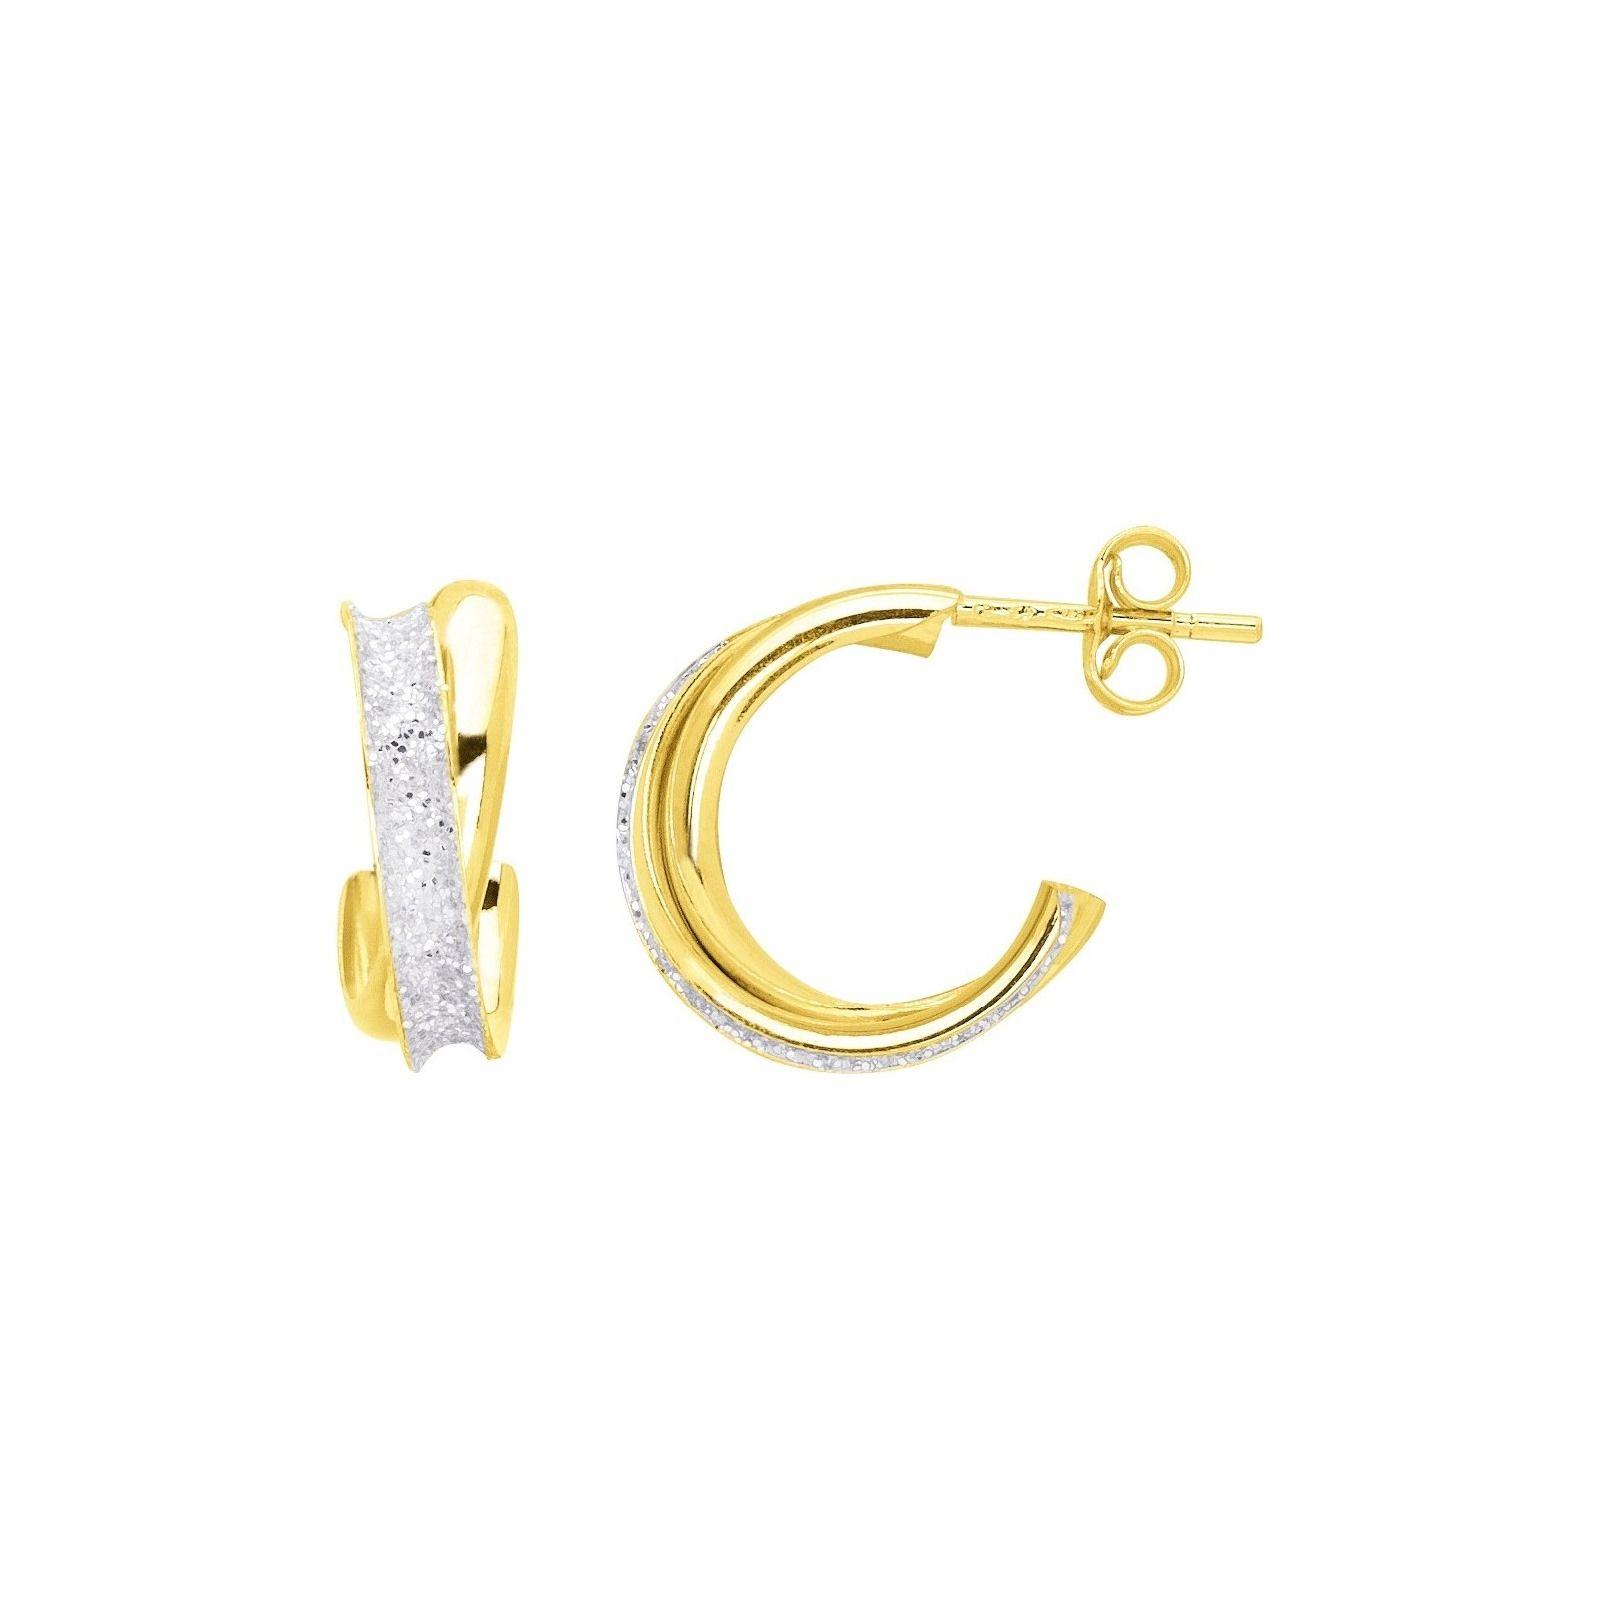 Boucles d'oreilles 3/4 anneaux en or jaune